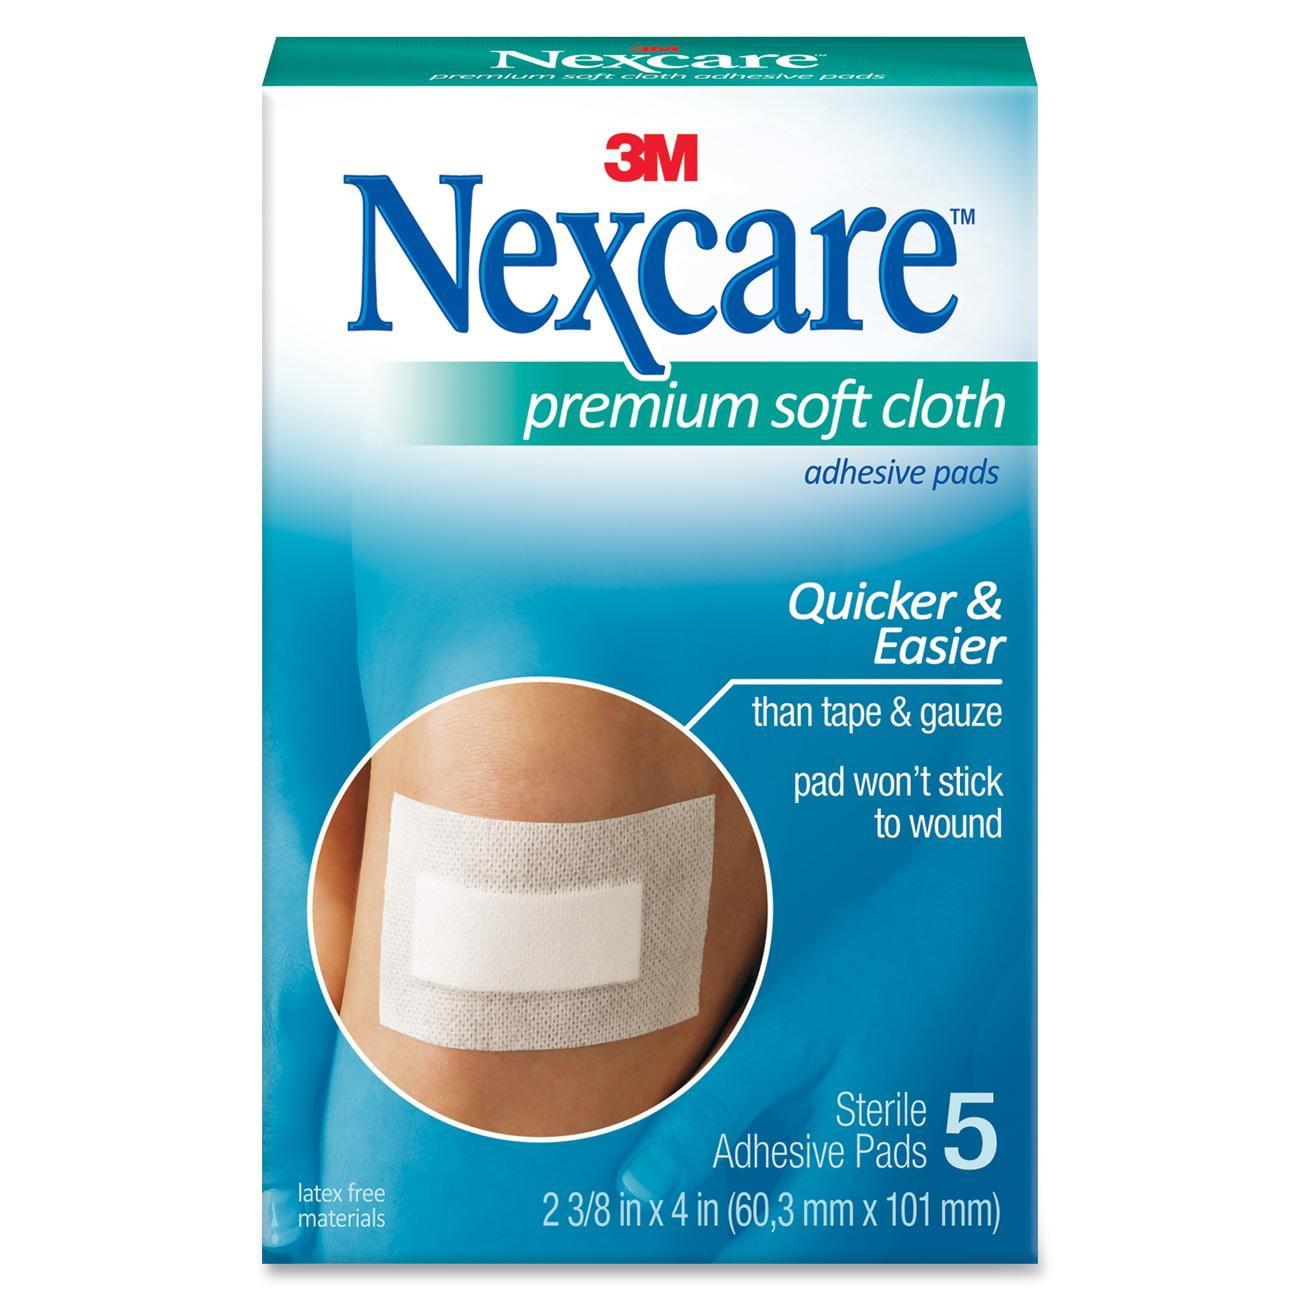 Nexcare Premium Soft Cloth Adhesive Pad, 2-3/8 in x 4 in, 5 Ct